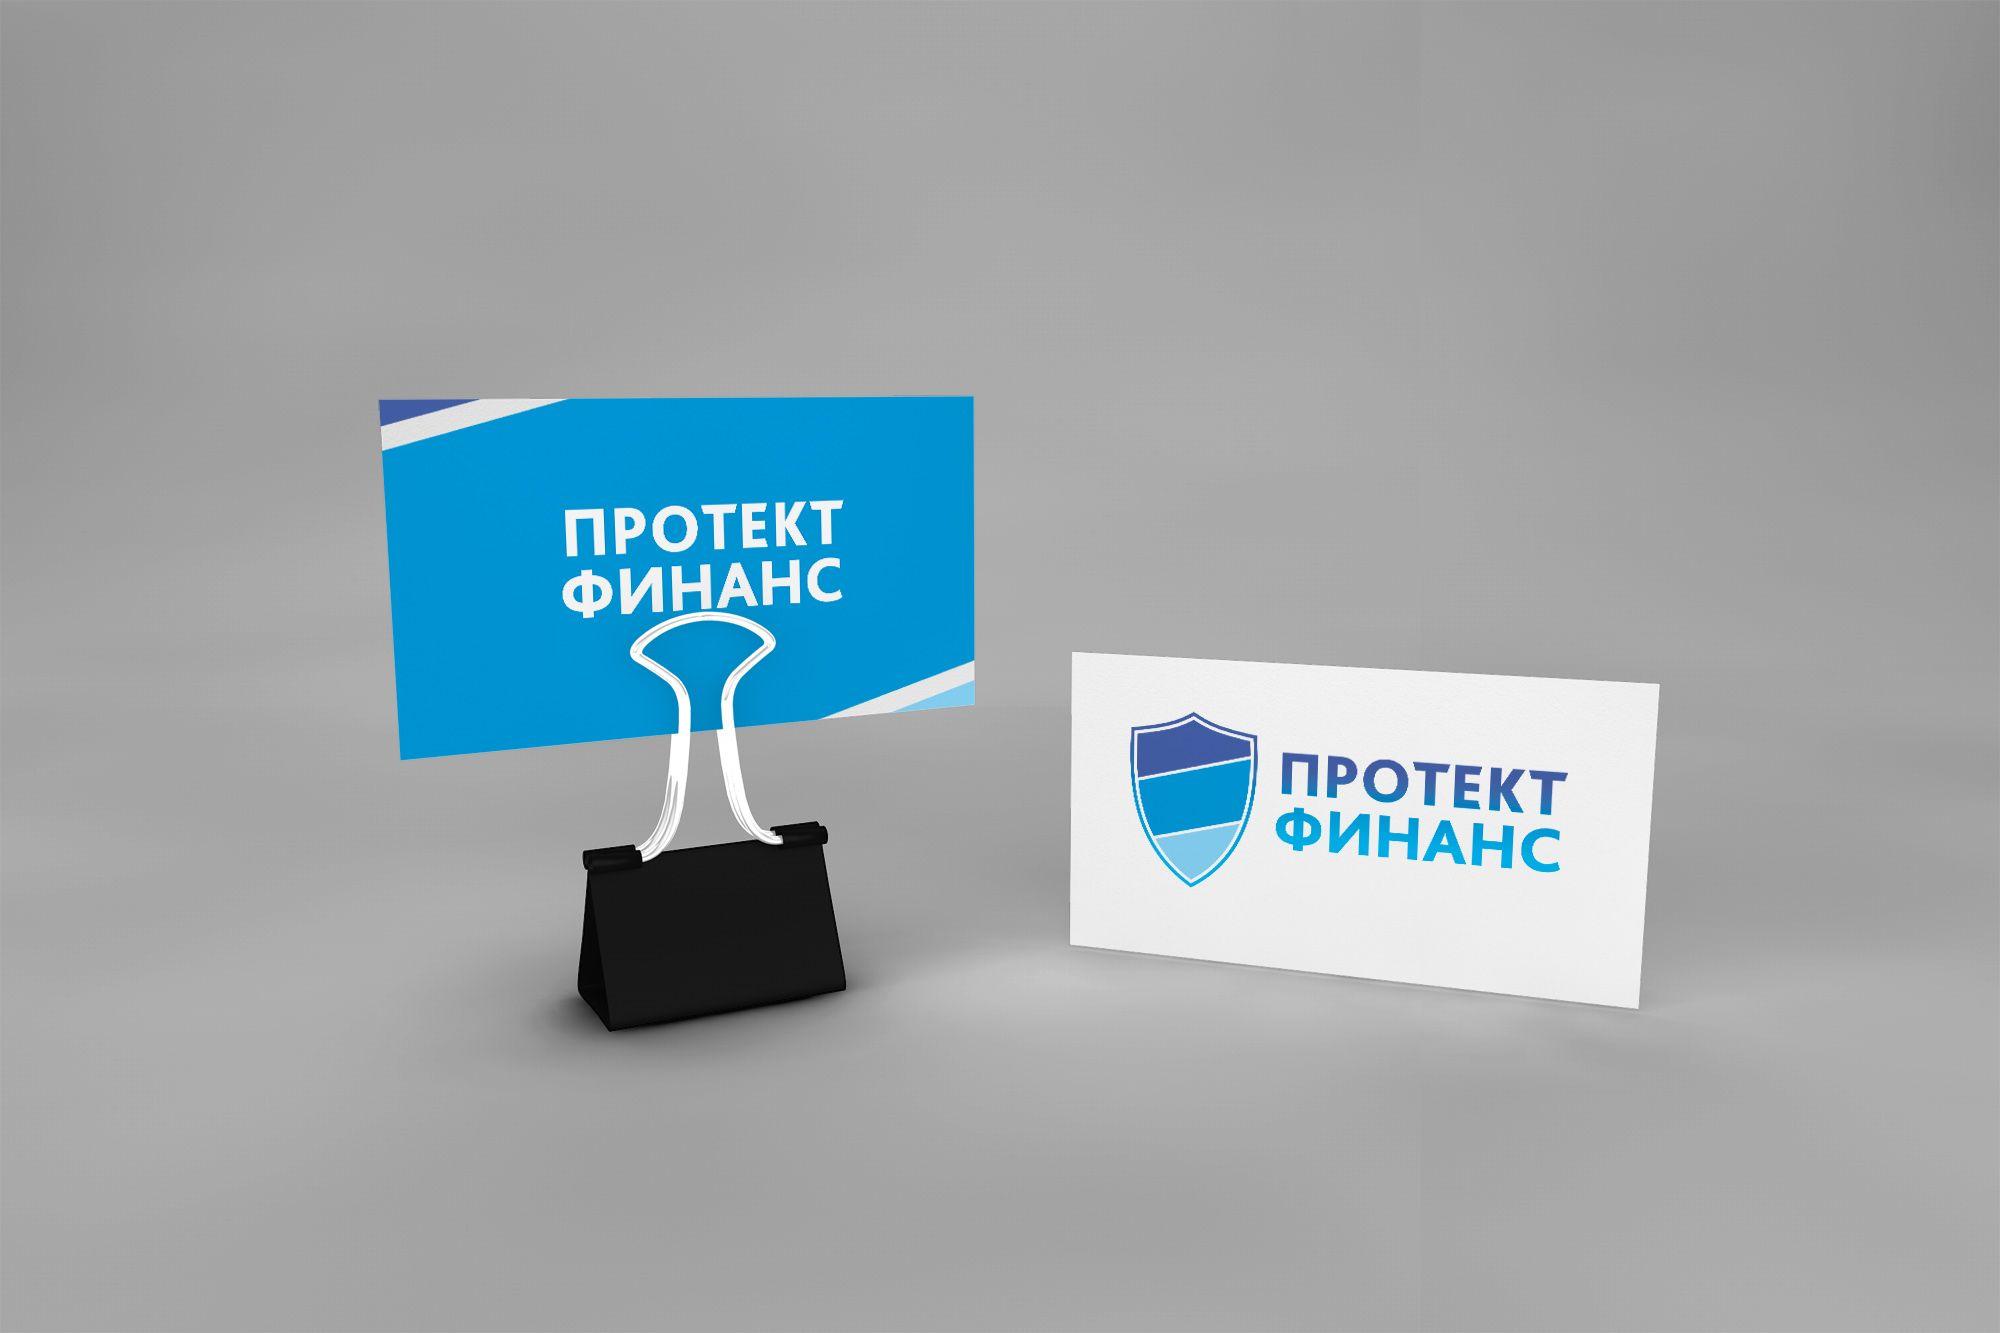 Фирм.стиль для ООО МФО «Протект Финанс» - дизайнер vision